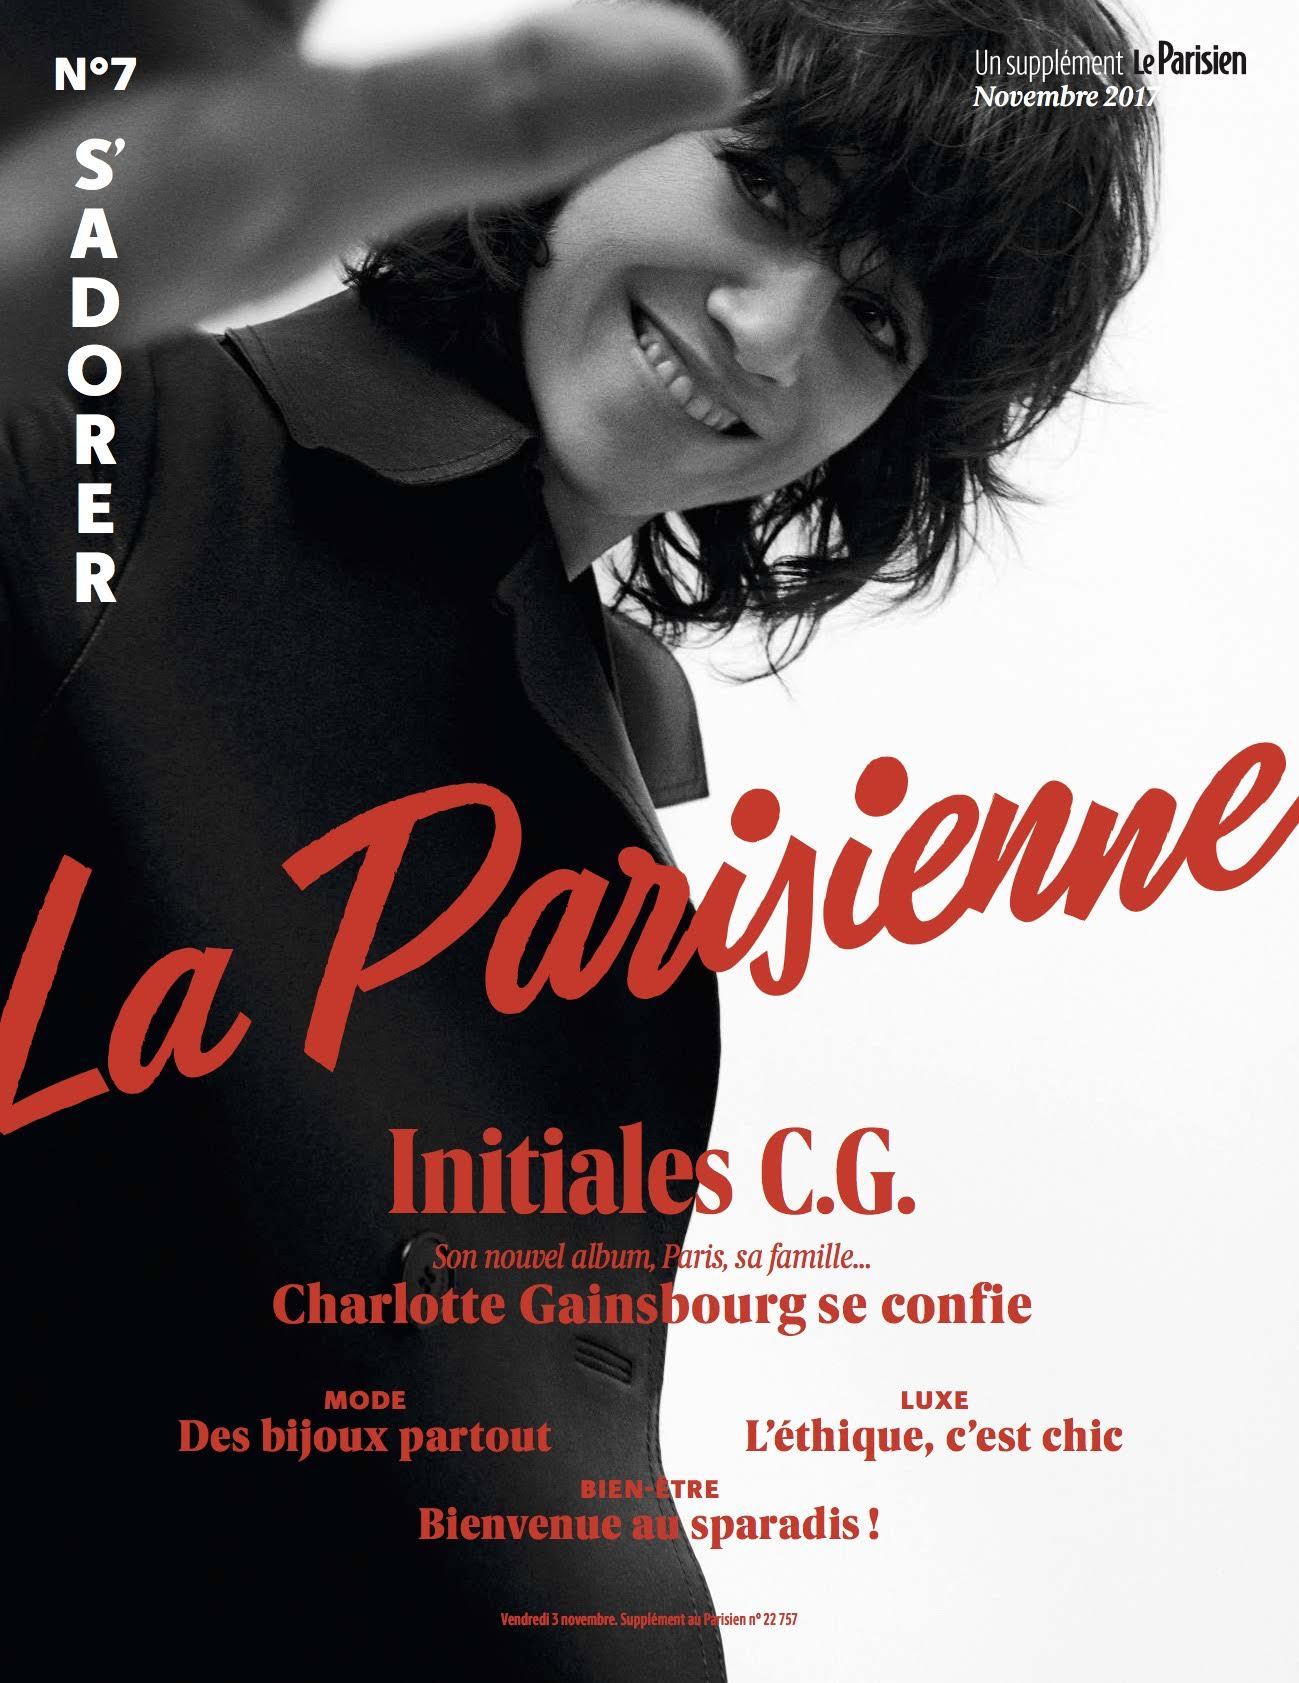 La Parisienne Cover